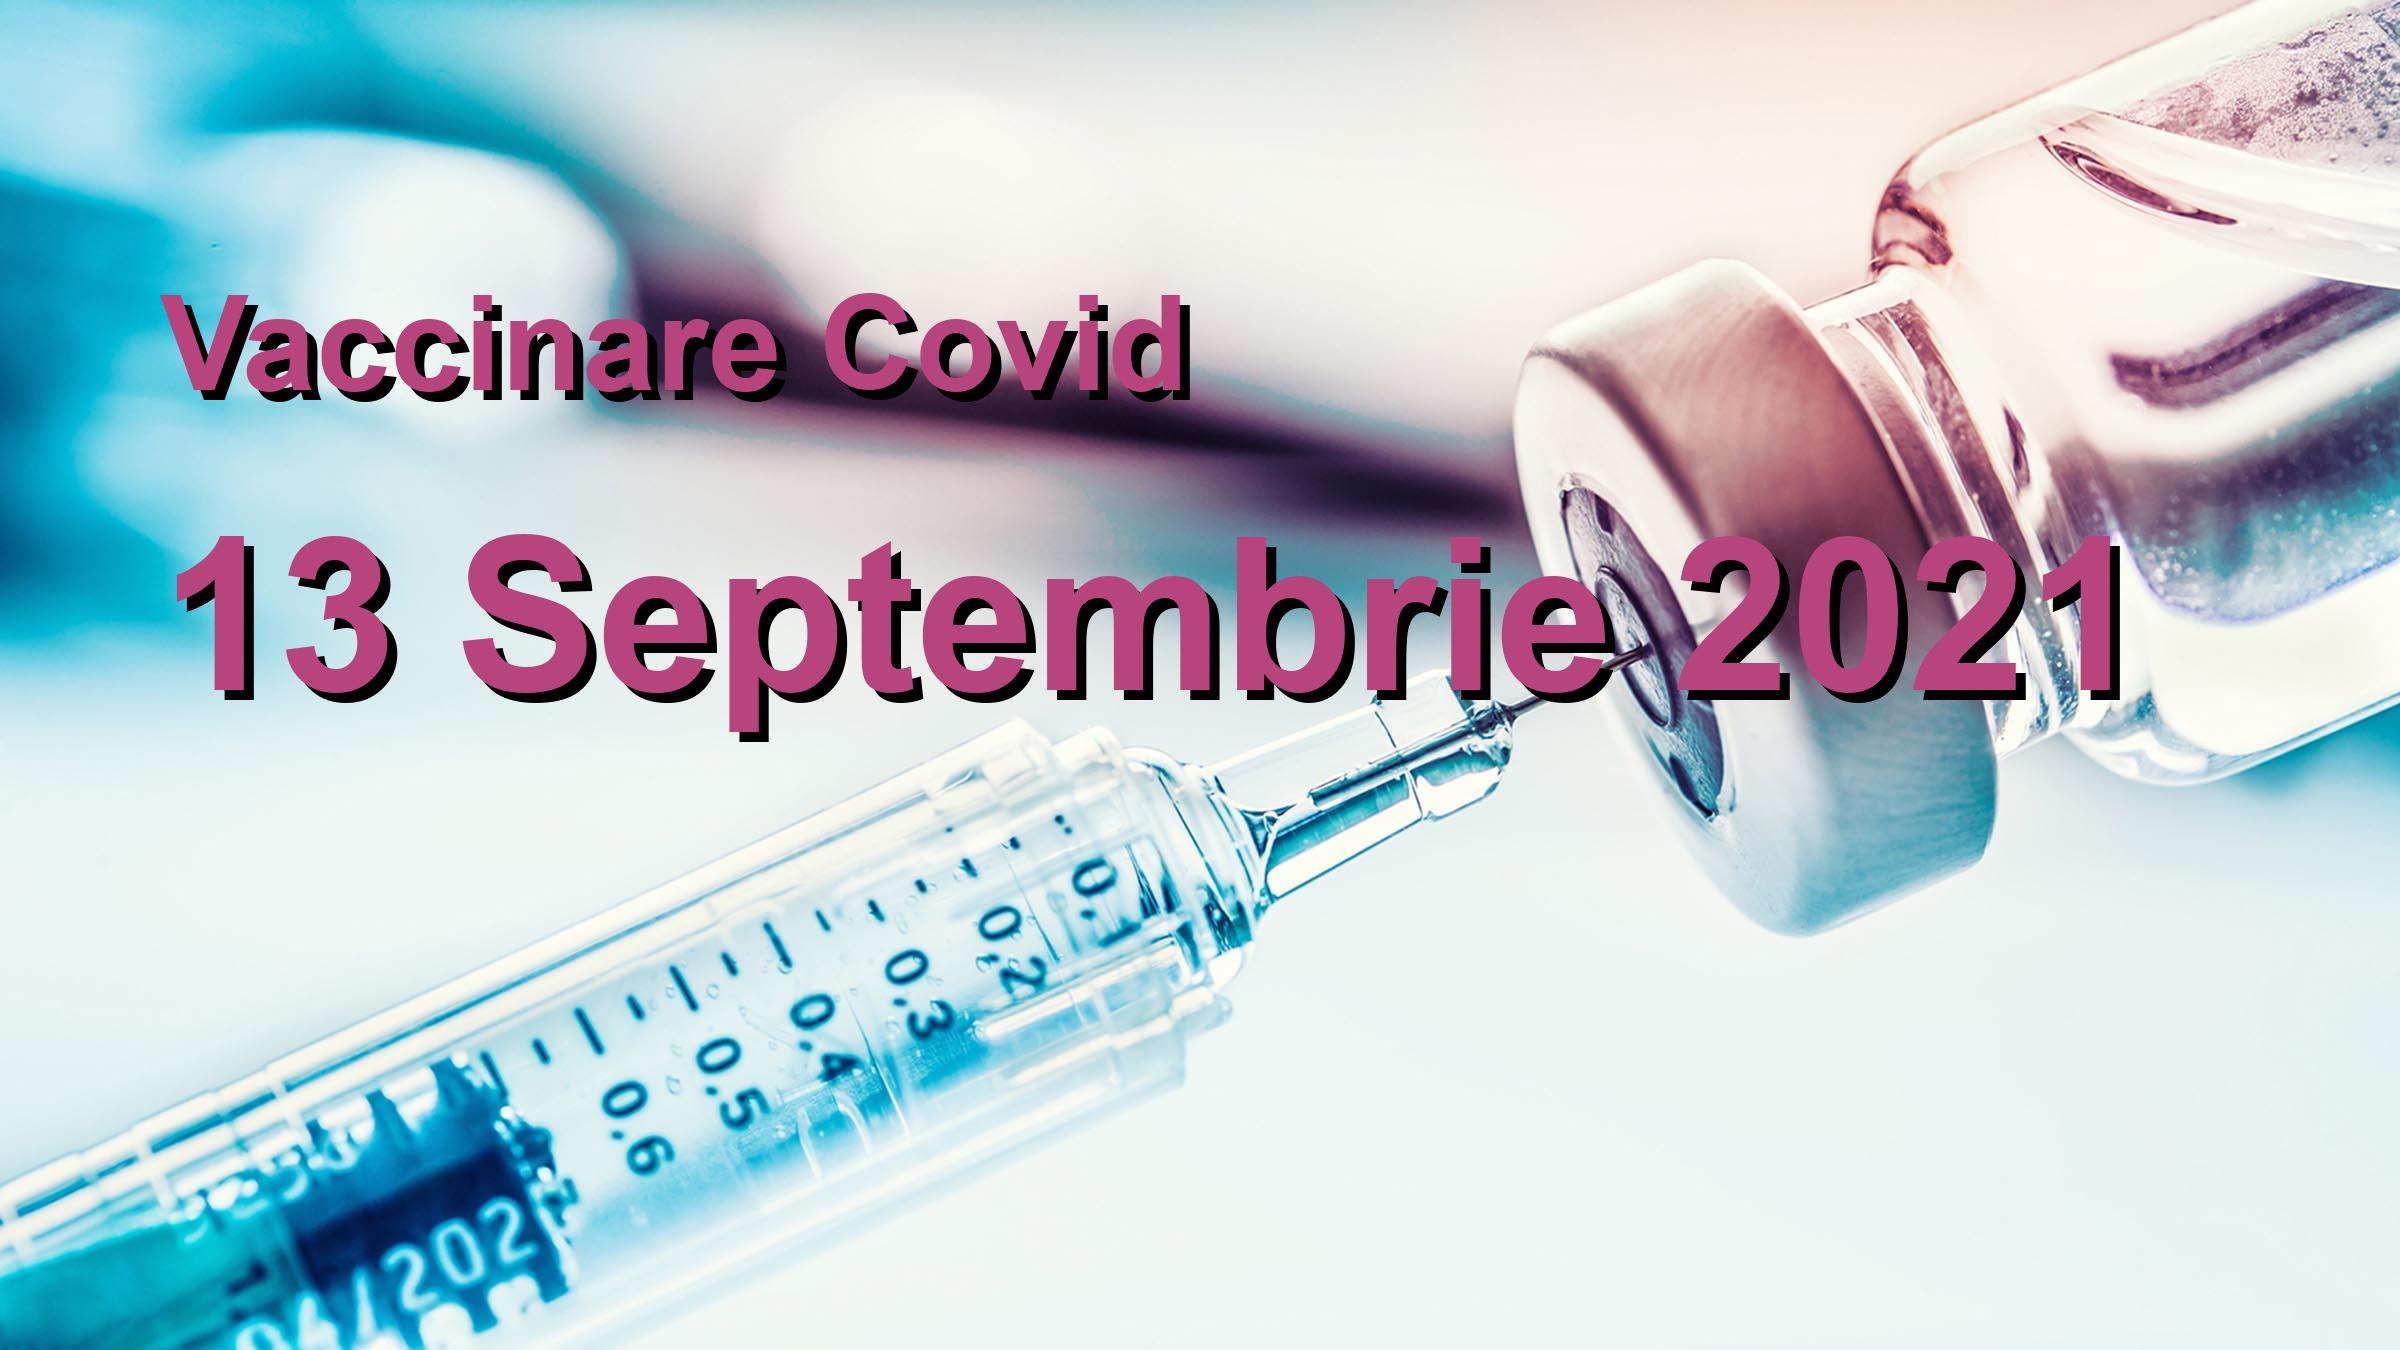 Campanie vaccinare Covid-19 pentru 13 Septembrie 2021: 8040 persoane vaccinate. | Vaccin Covid-19 Romania